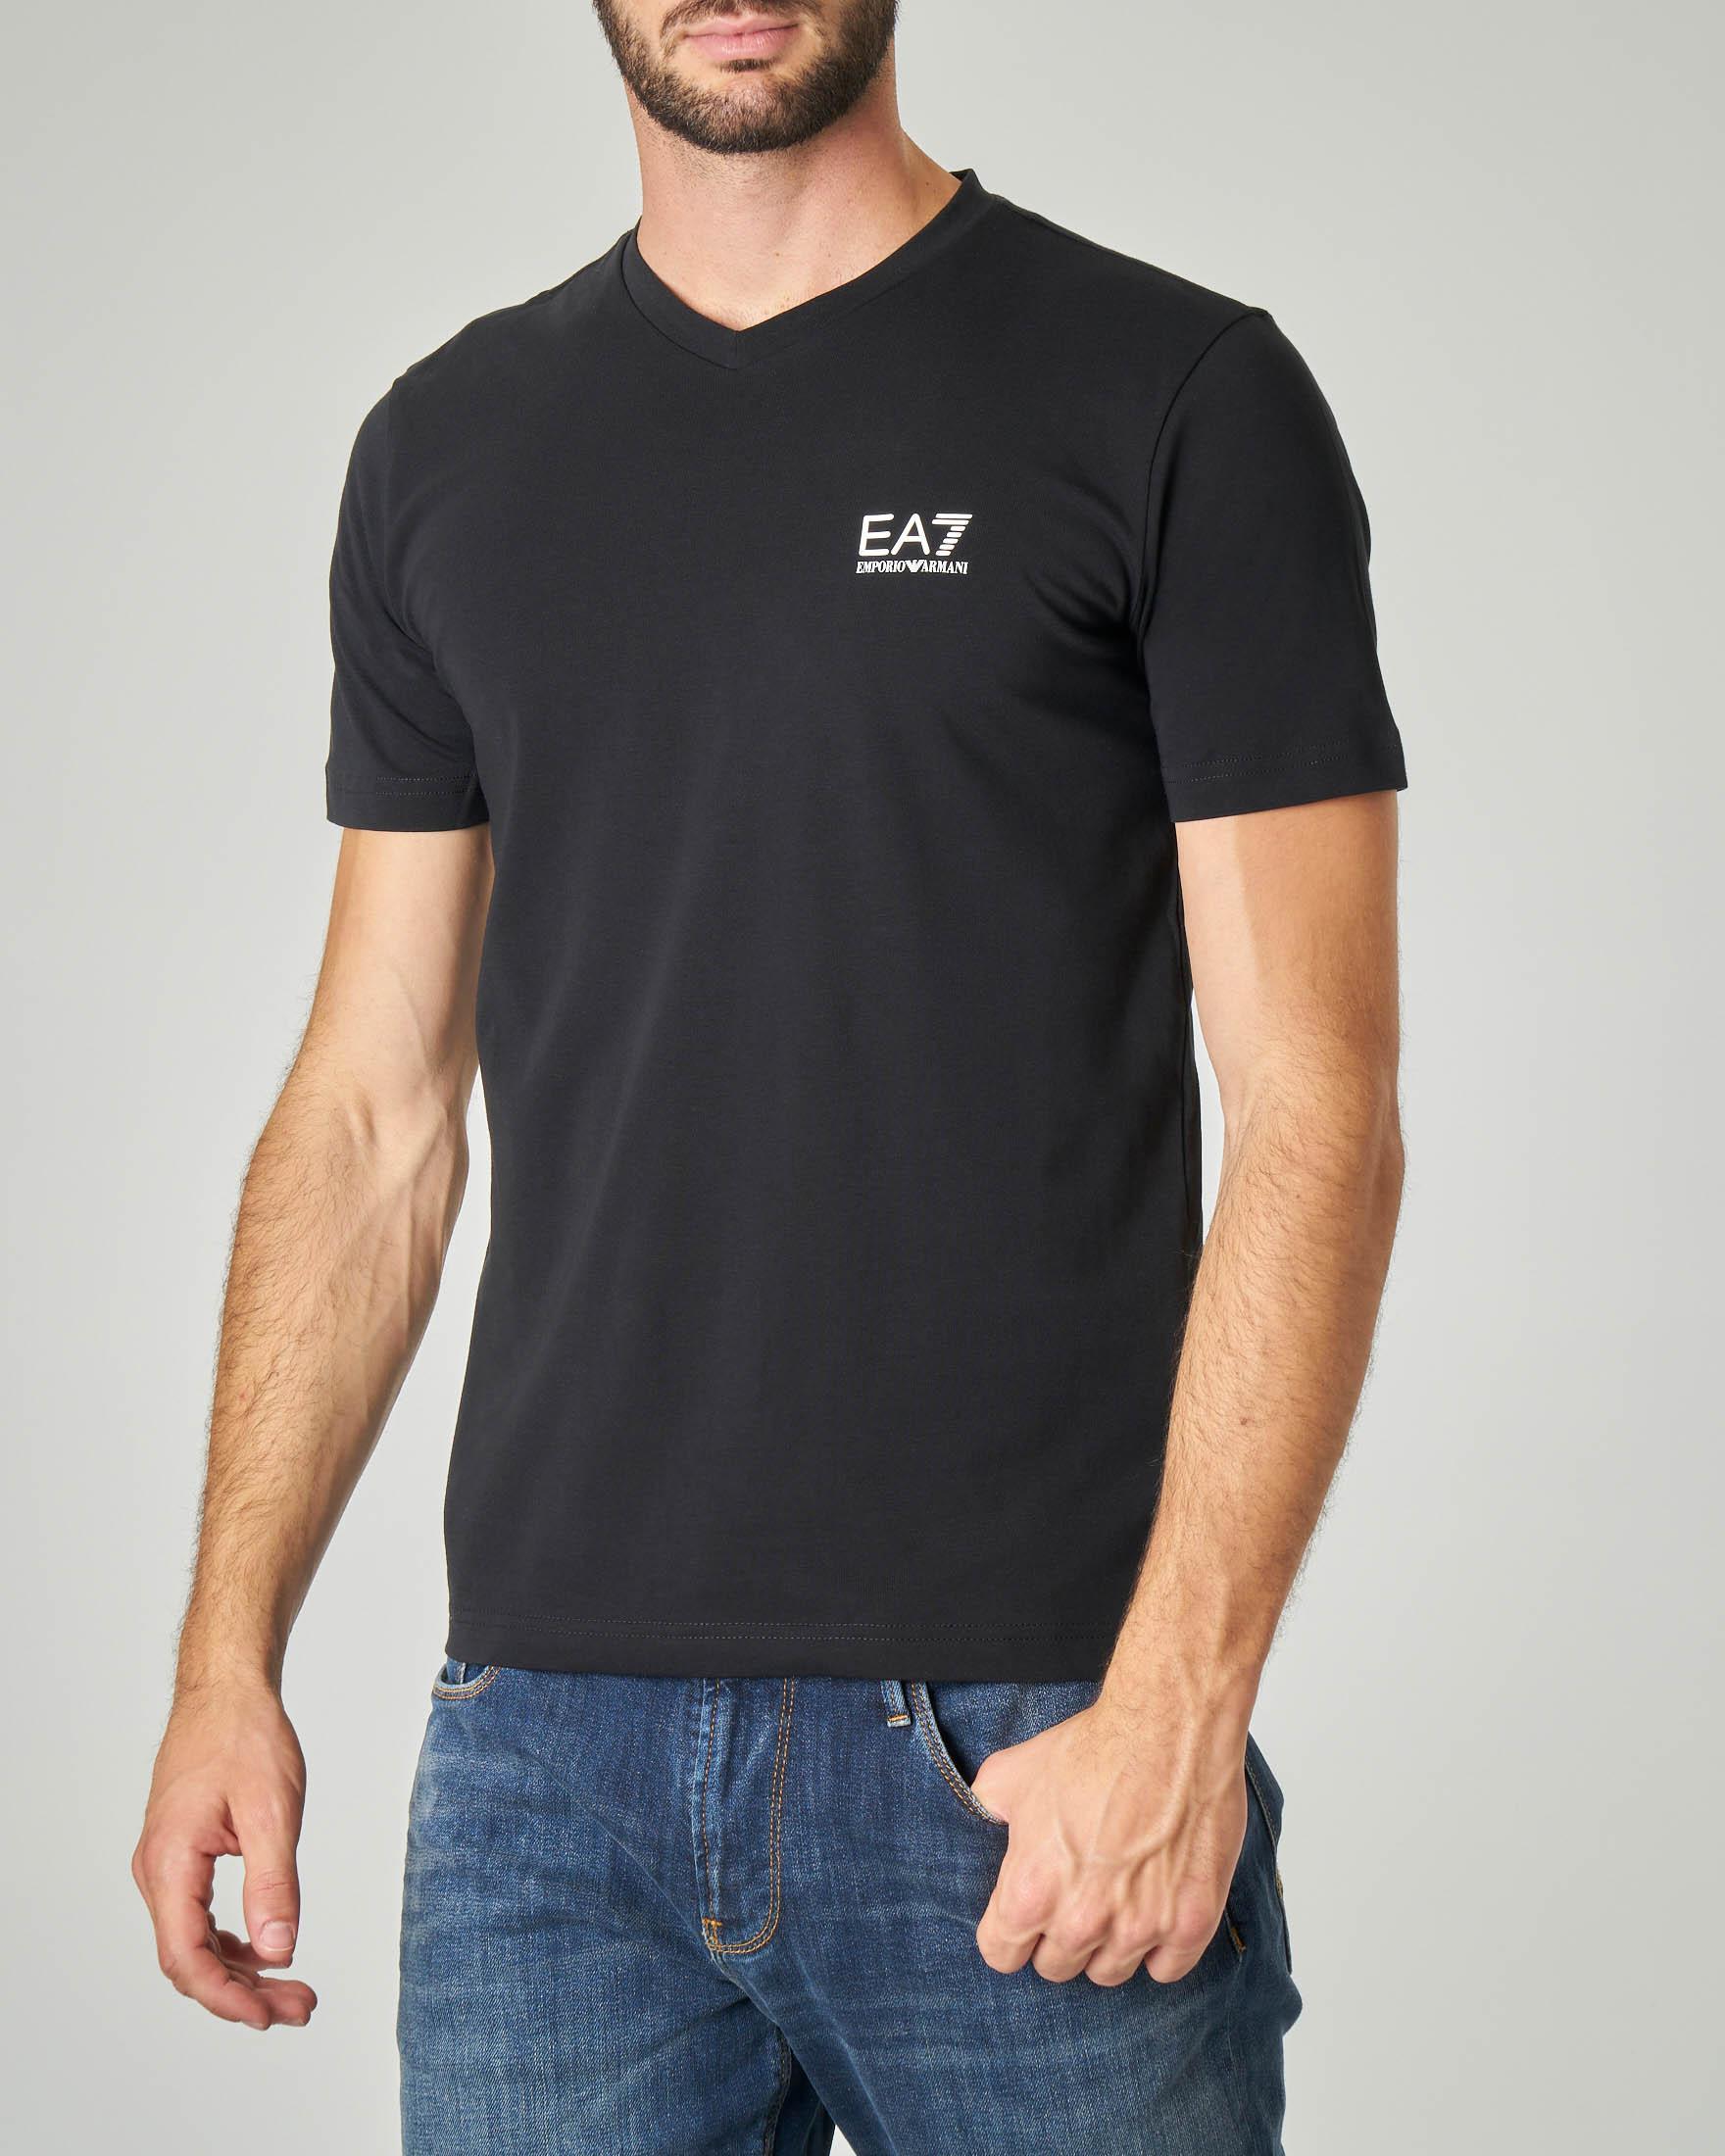 T-shirt nera in cotone stretch con logo piccolo gommato